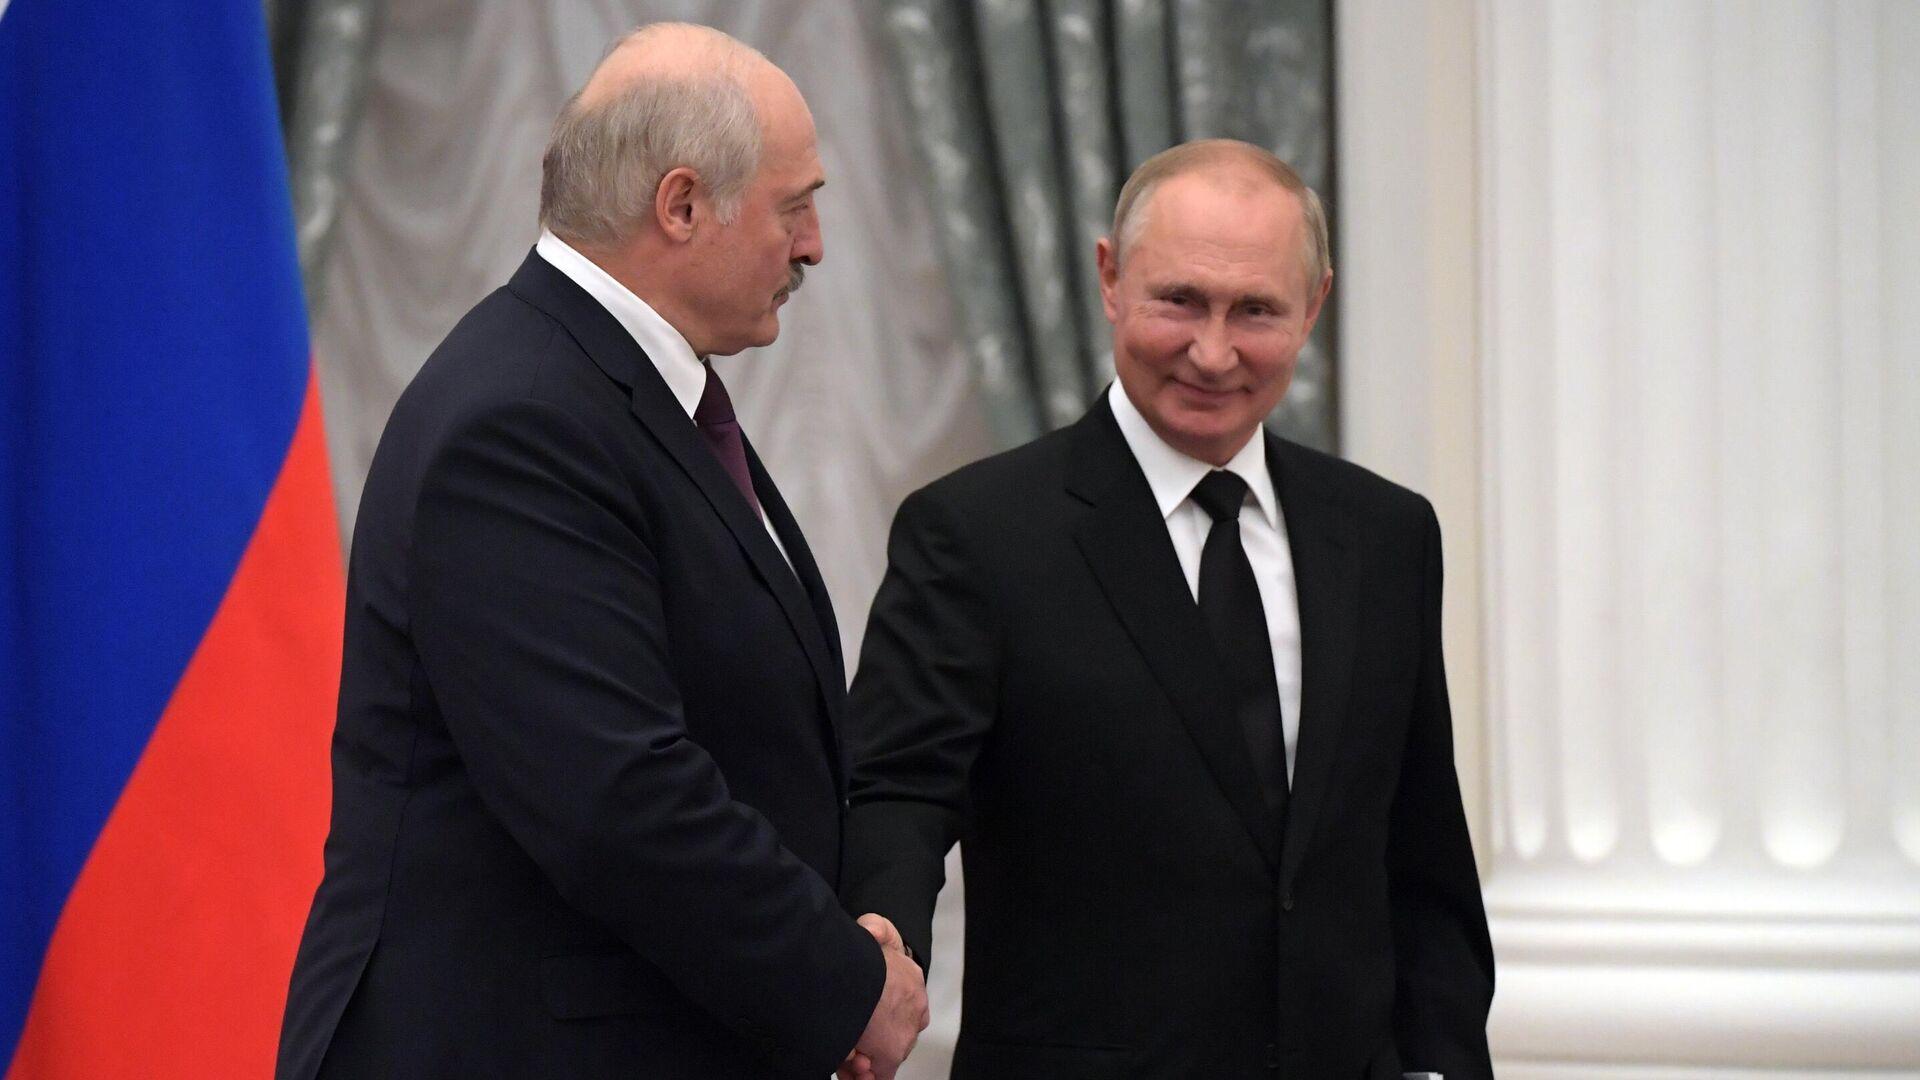 Президент РФ Владимир Путин и президент Беларуси Александр Лукашенко - Sputnik Беларусь, 1920, 07.10.2021